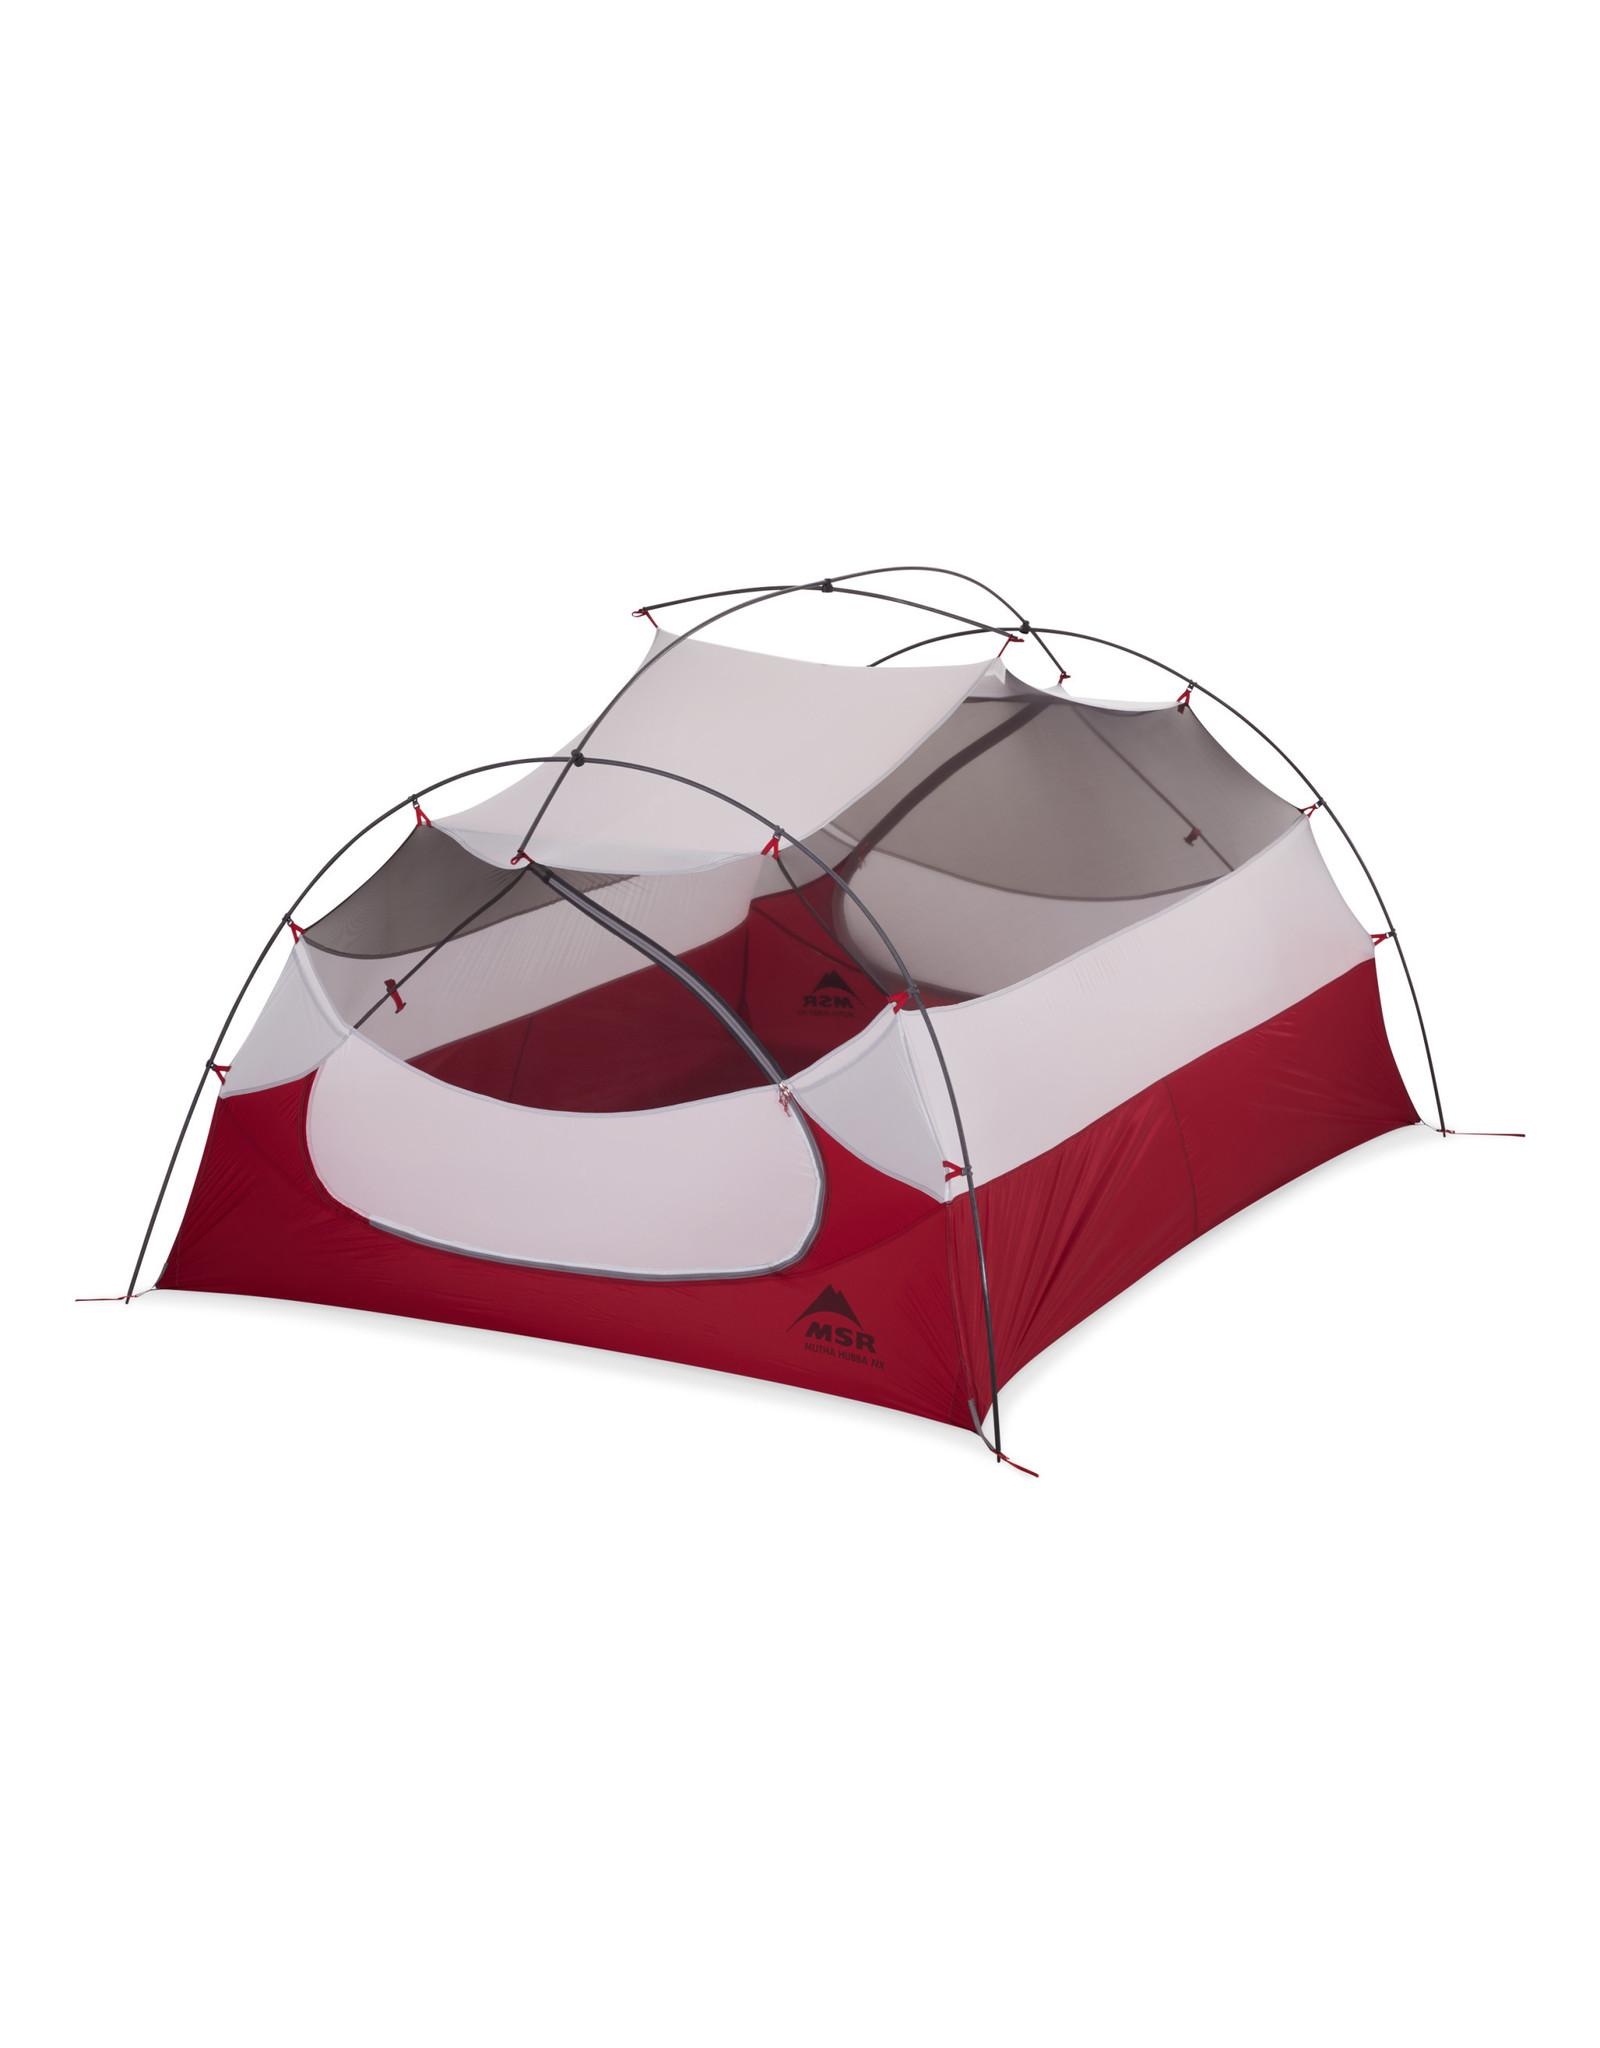 MSR MSR Mutha Hubba NX 3-Person Tent